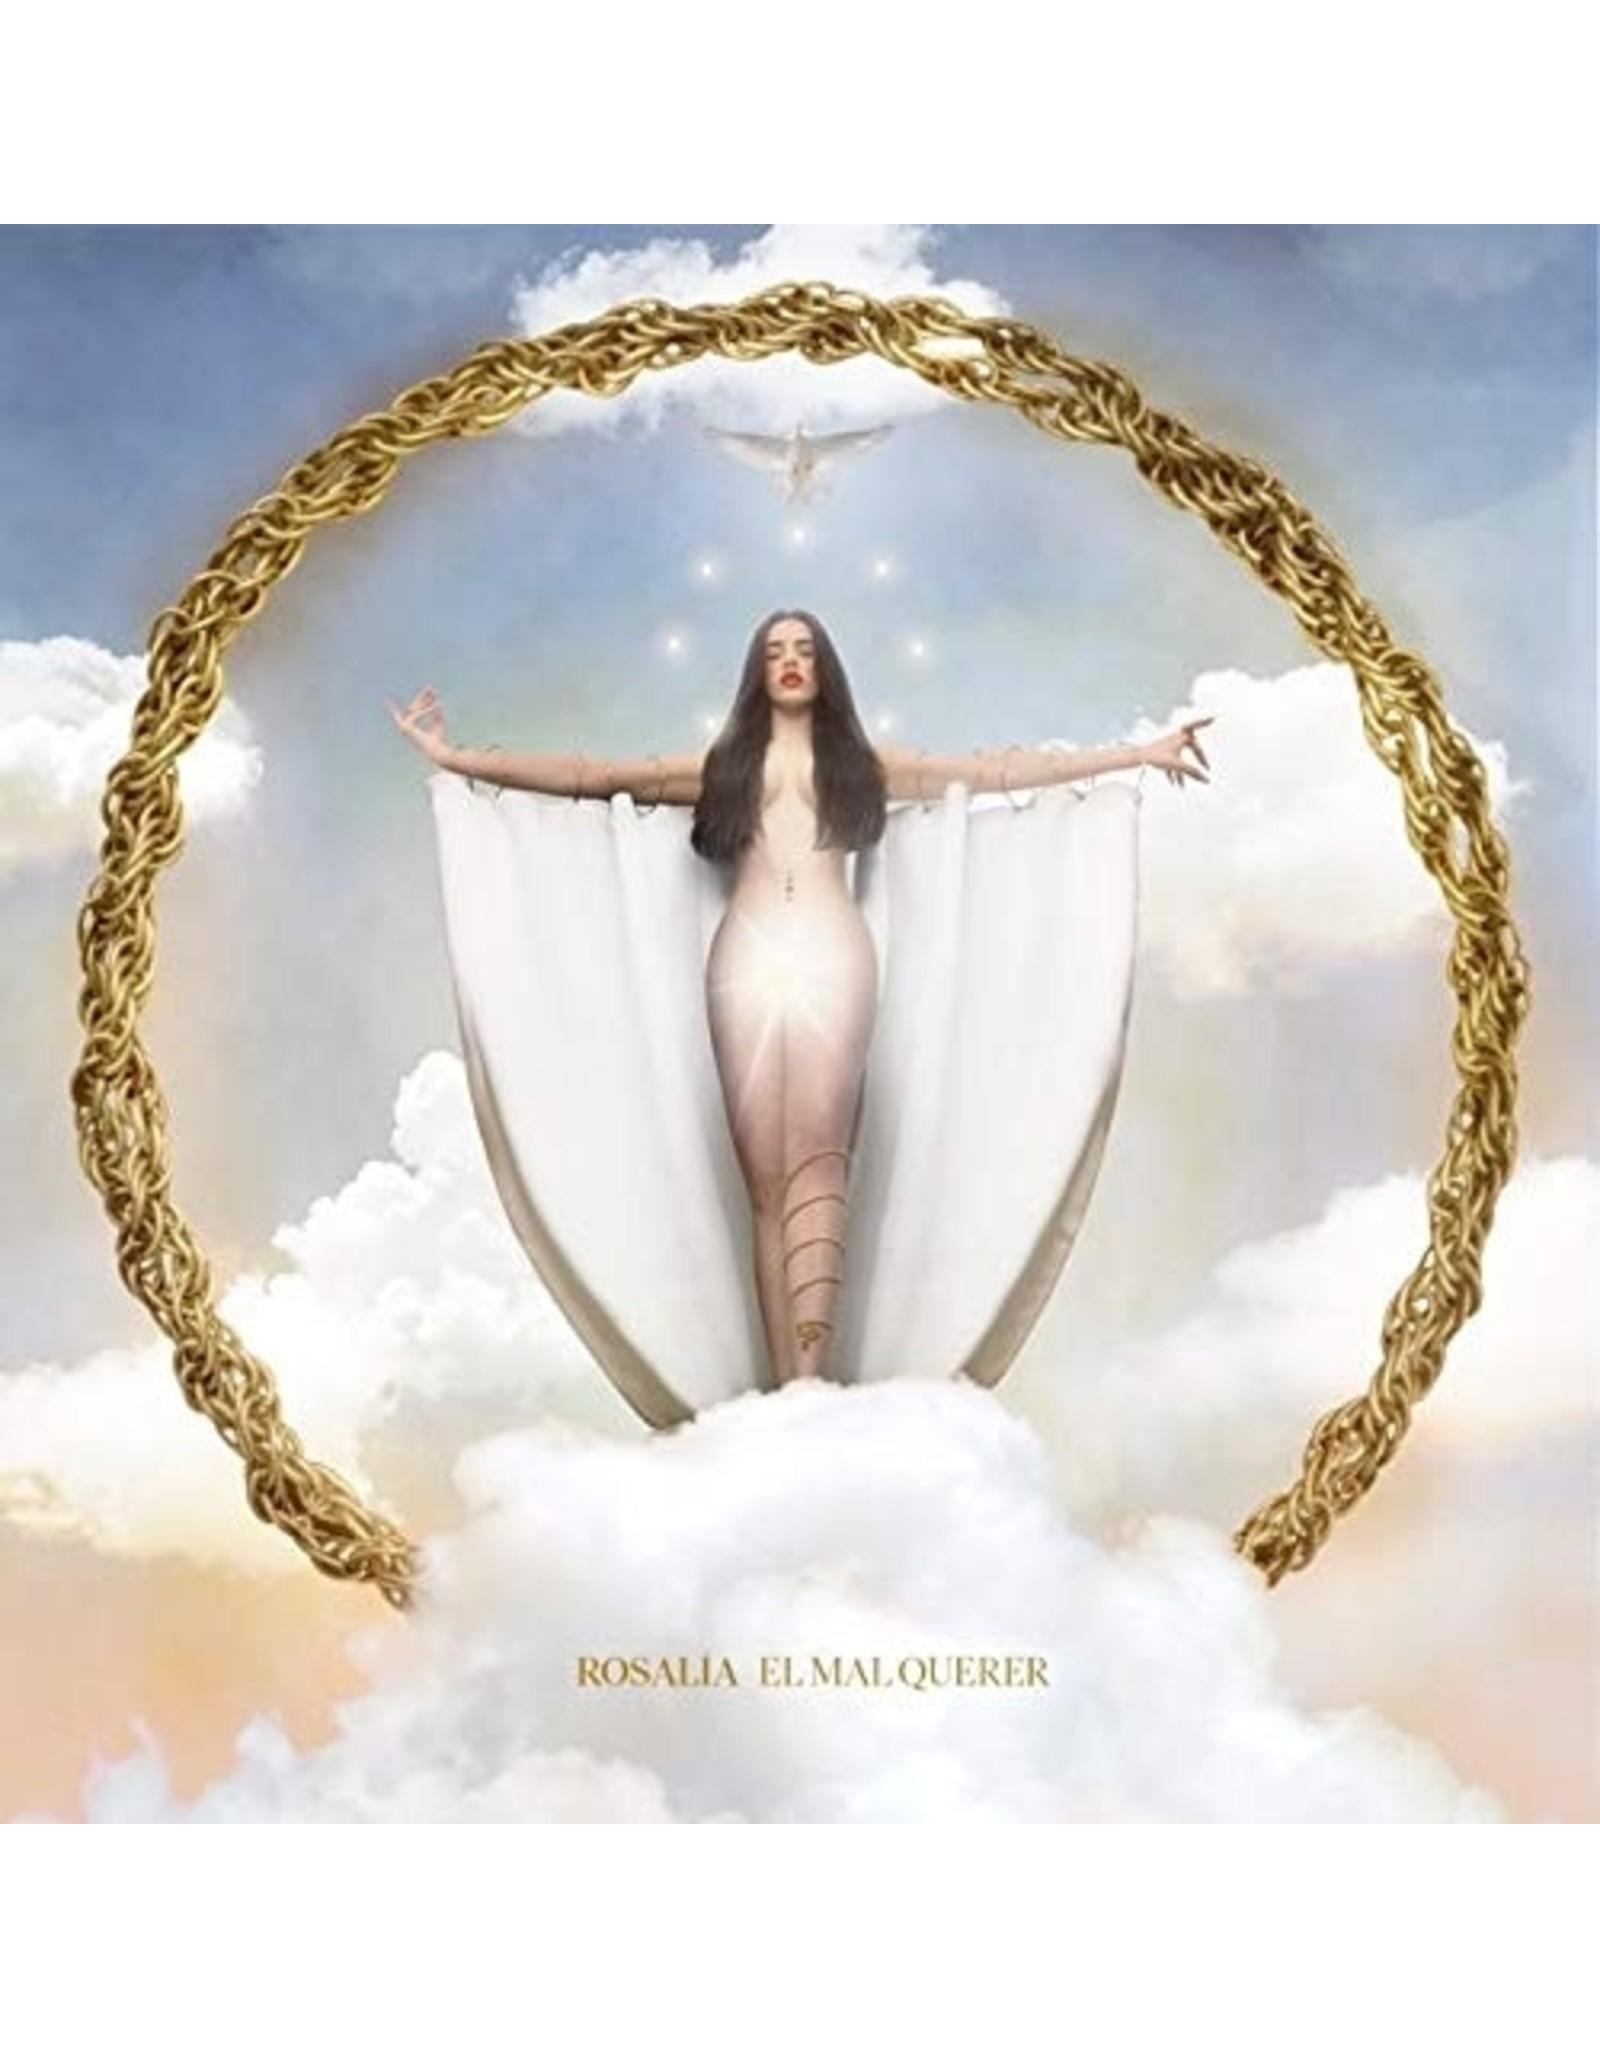 New Vinyl Rosalia - El Mal Querer 2LP